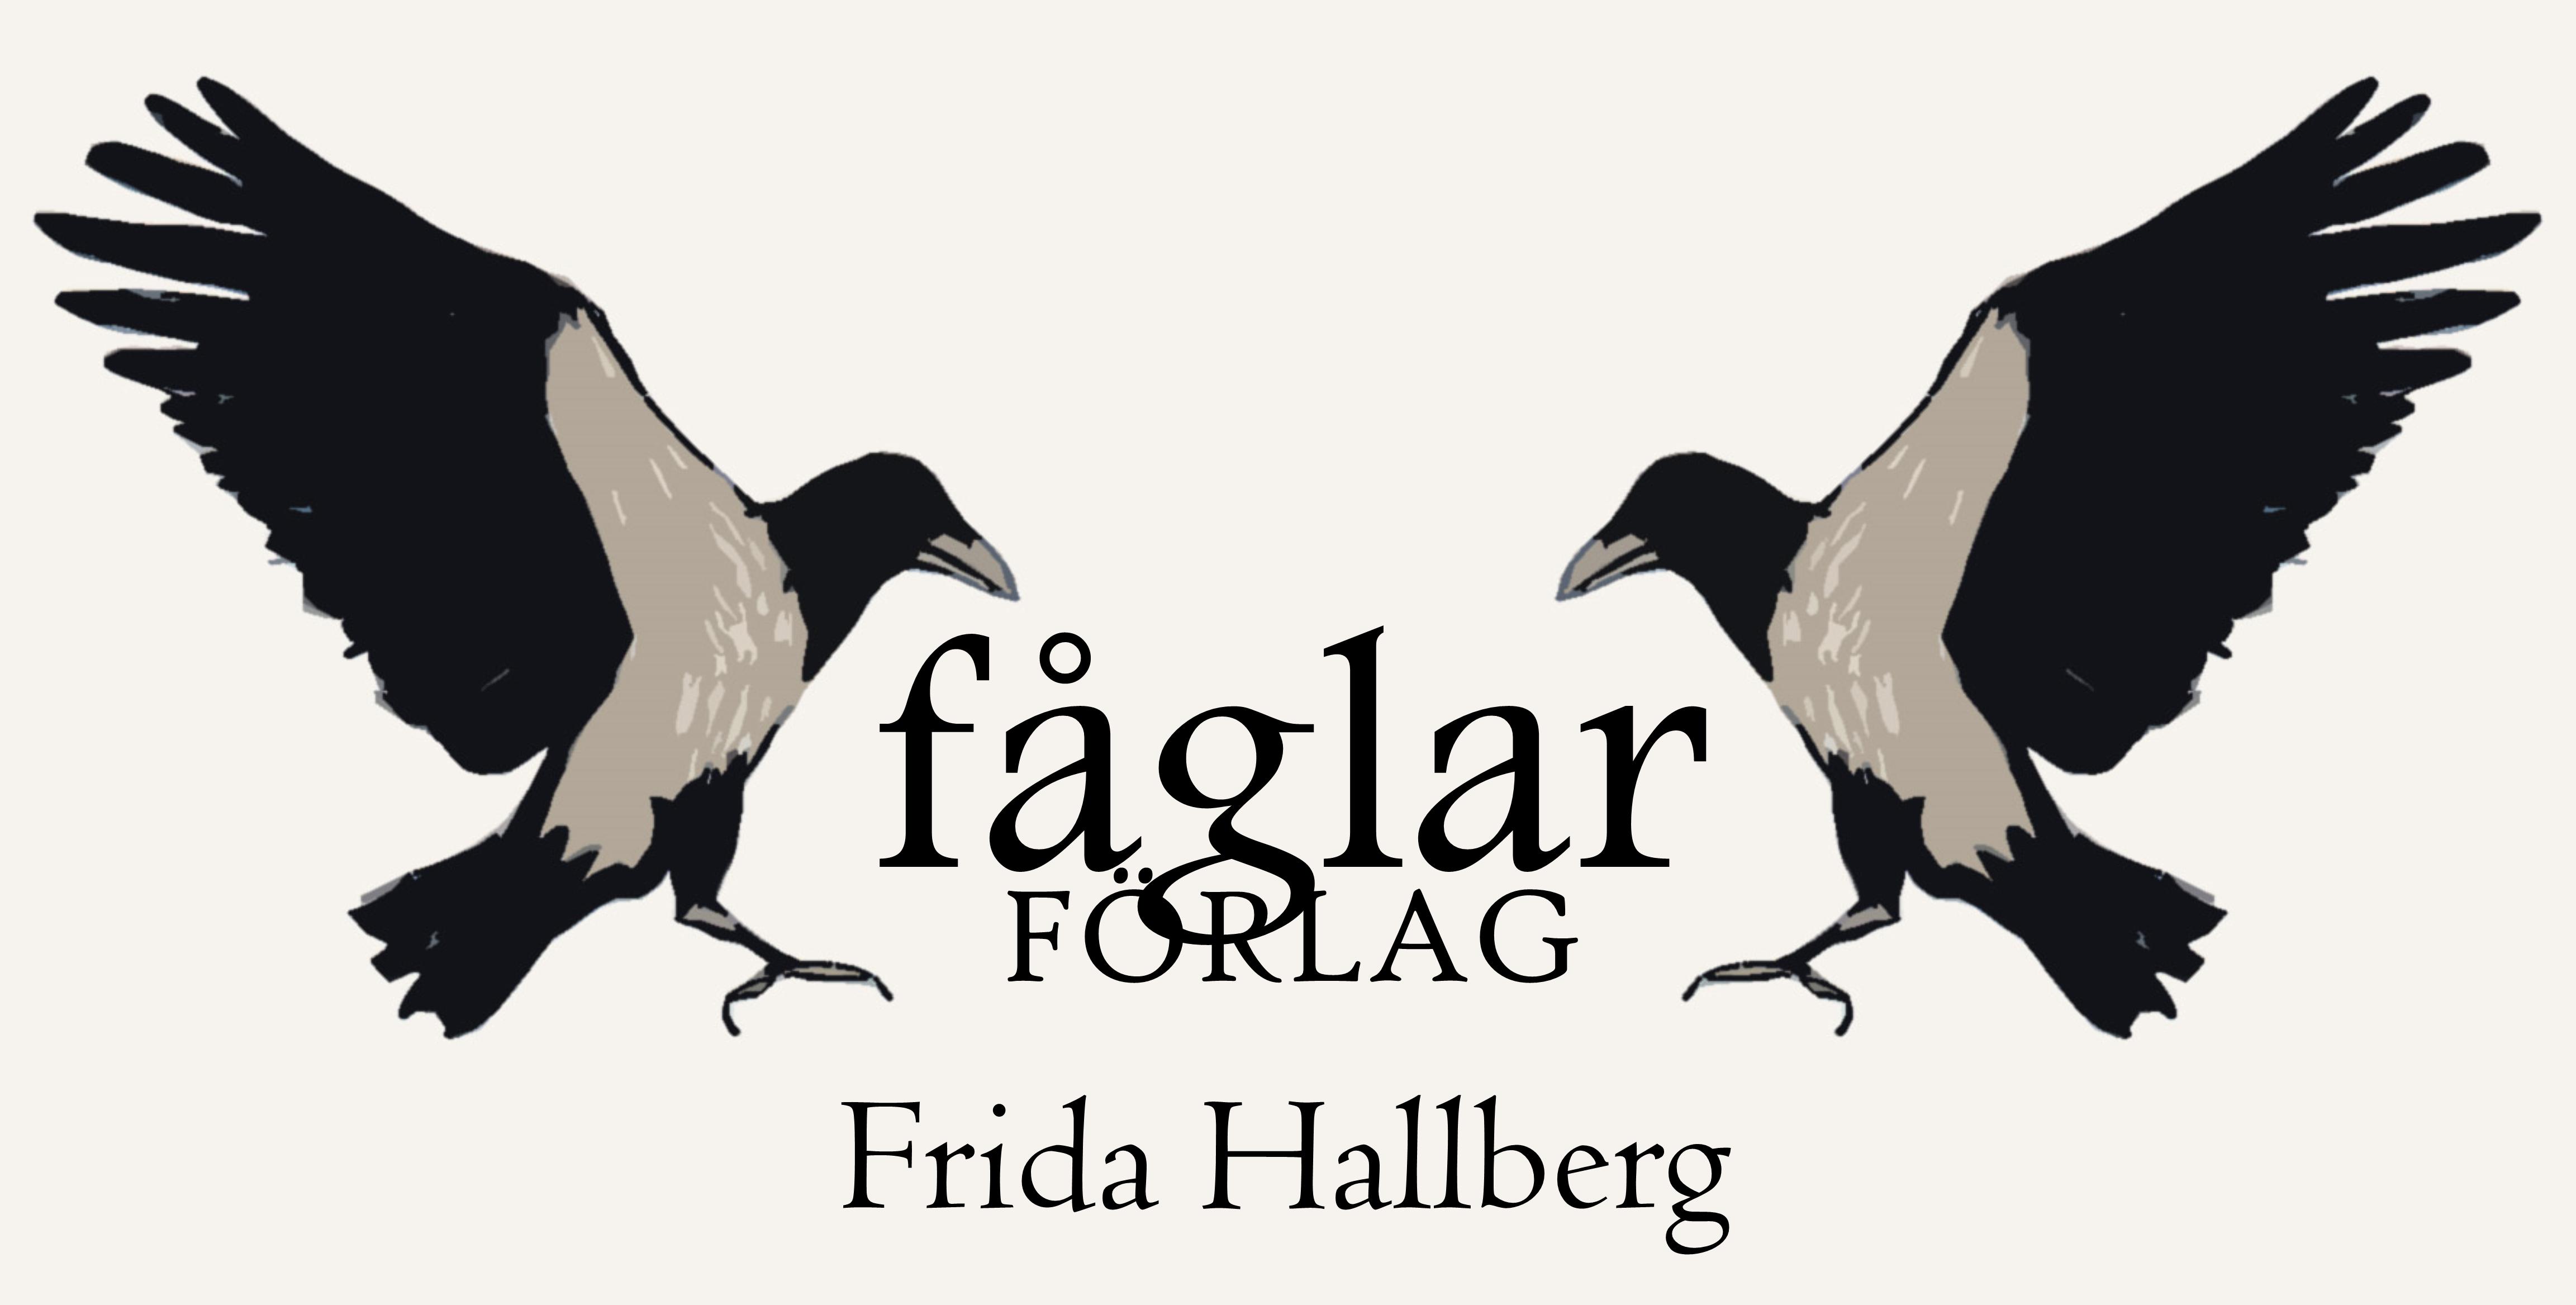 Fåglar förlag, Frida Hallberg